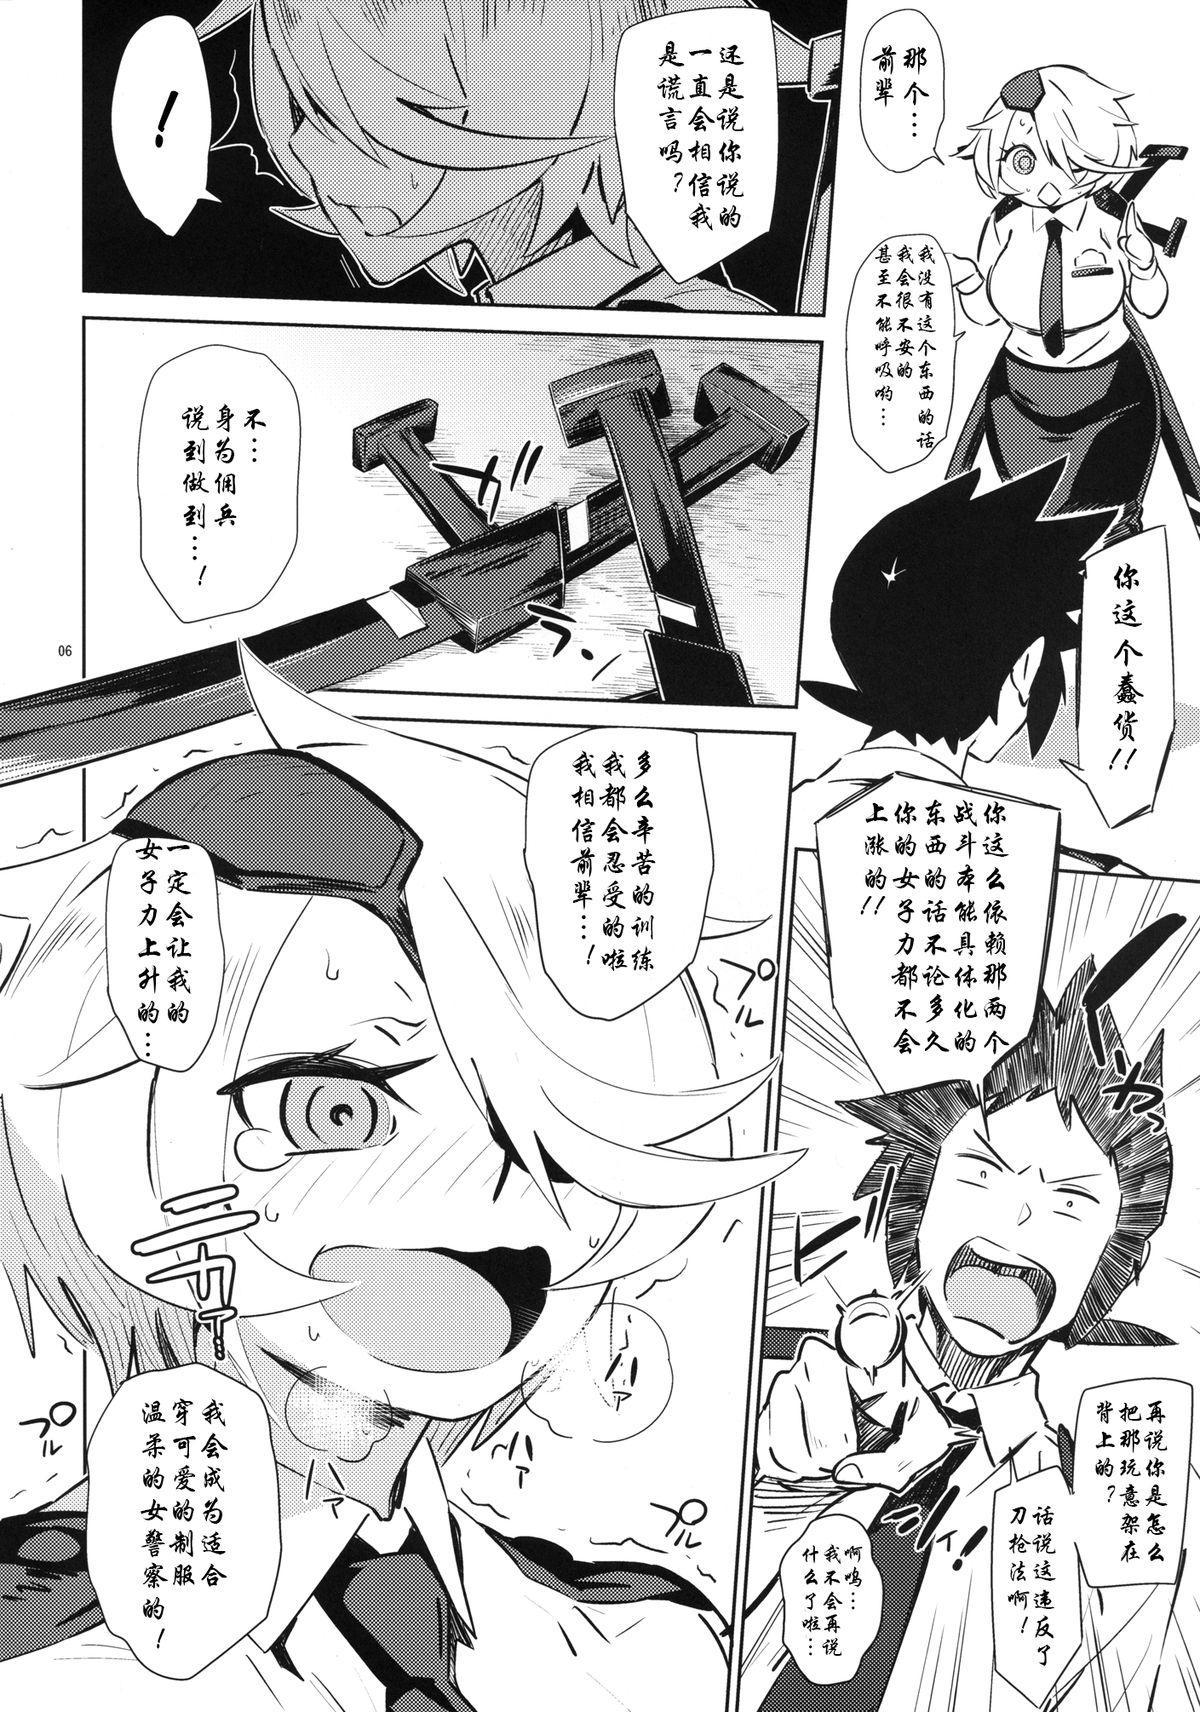 Kiruko-san no Joshiryoku Up Daisakusen 5